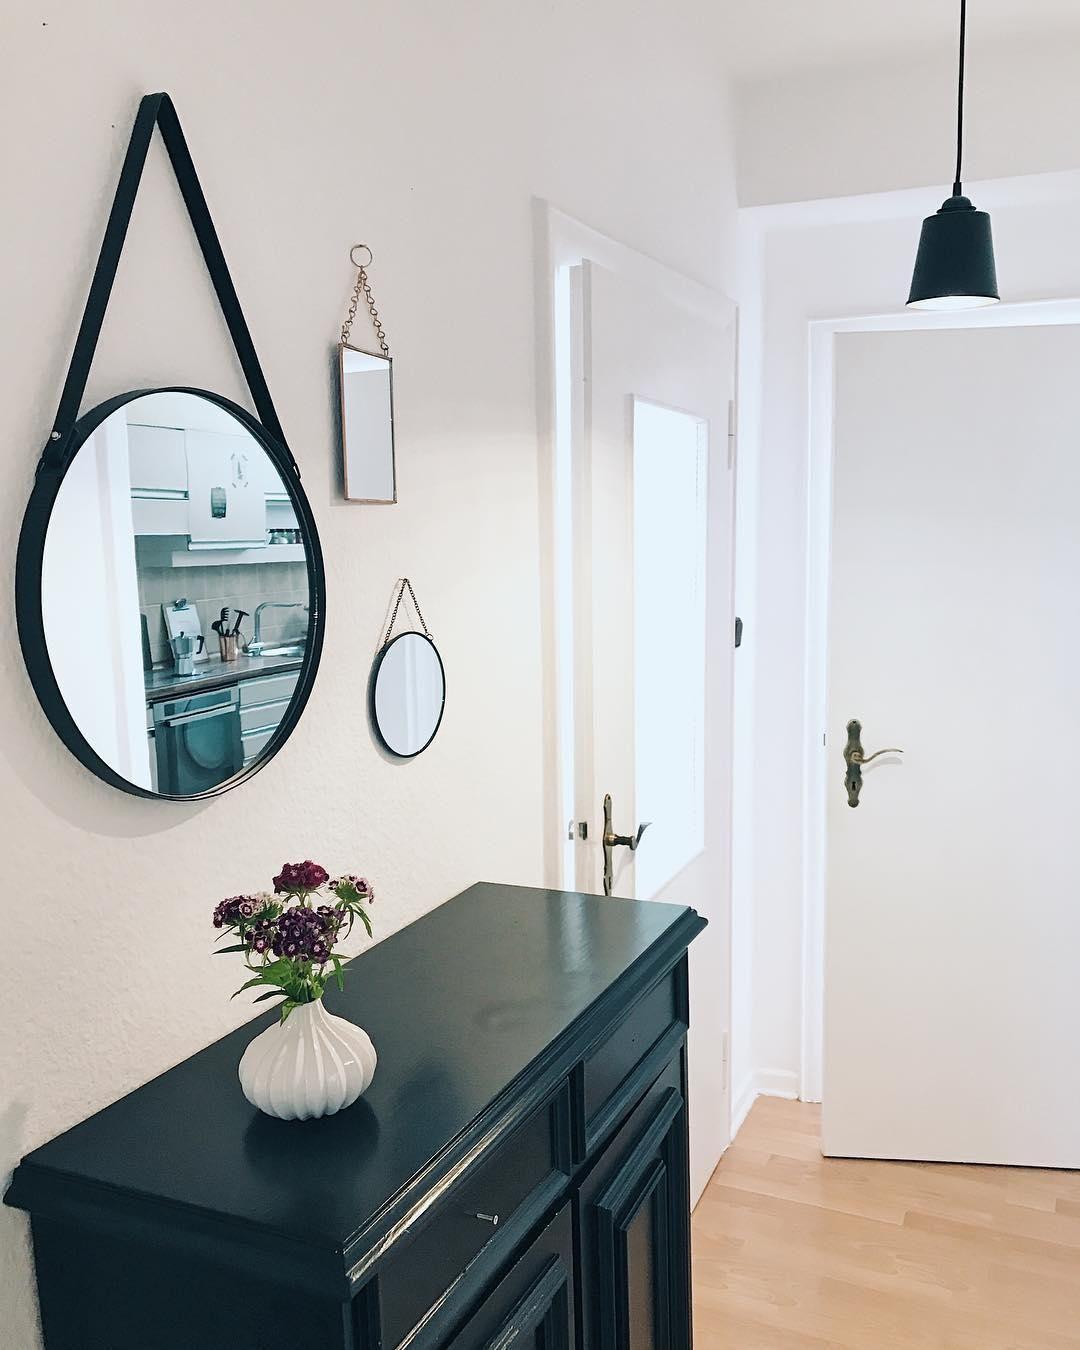 Runder Wandspiegel Liz Mit Schwarzer Lederschlaufe Haus Deko Wandspiegel Elegantes Wohnzimmer